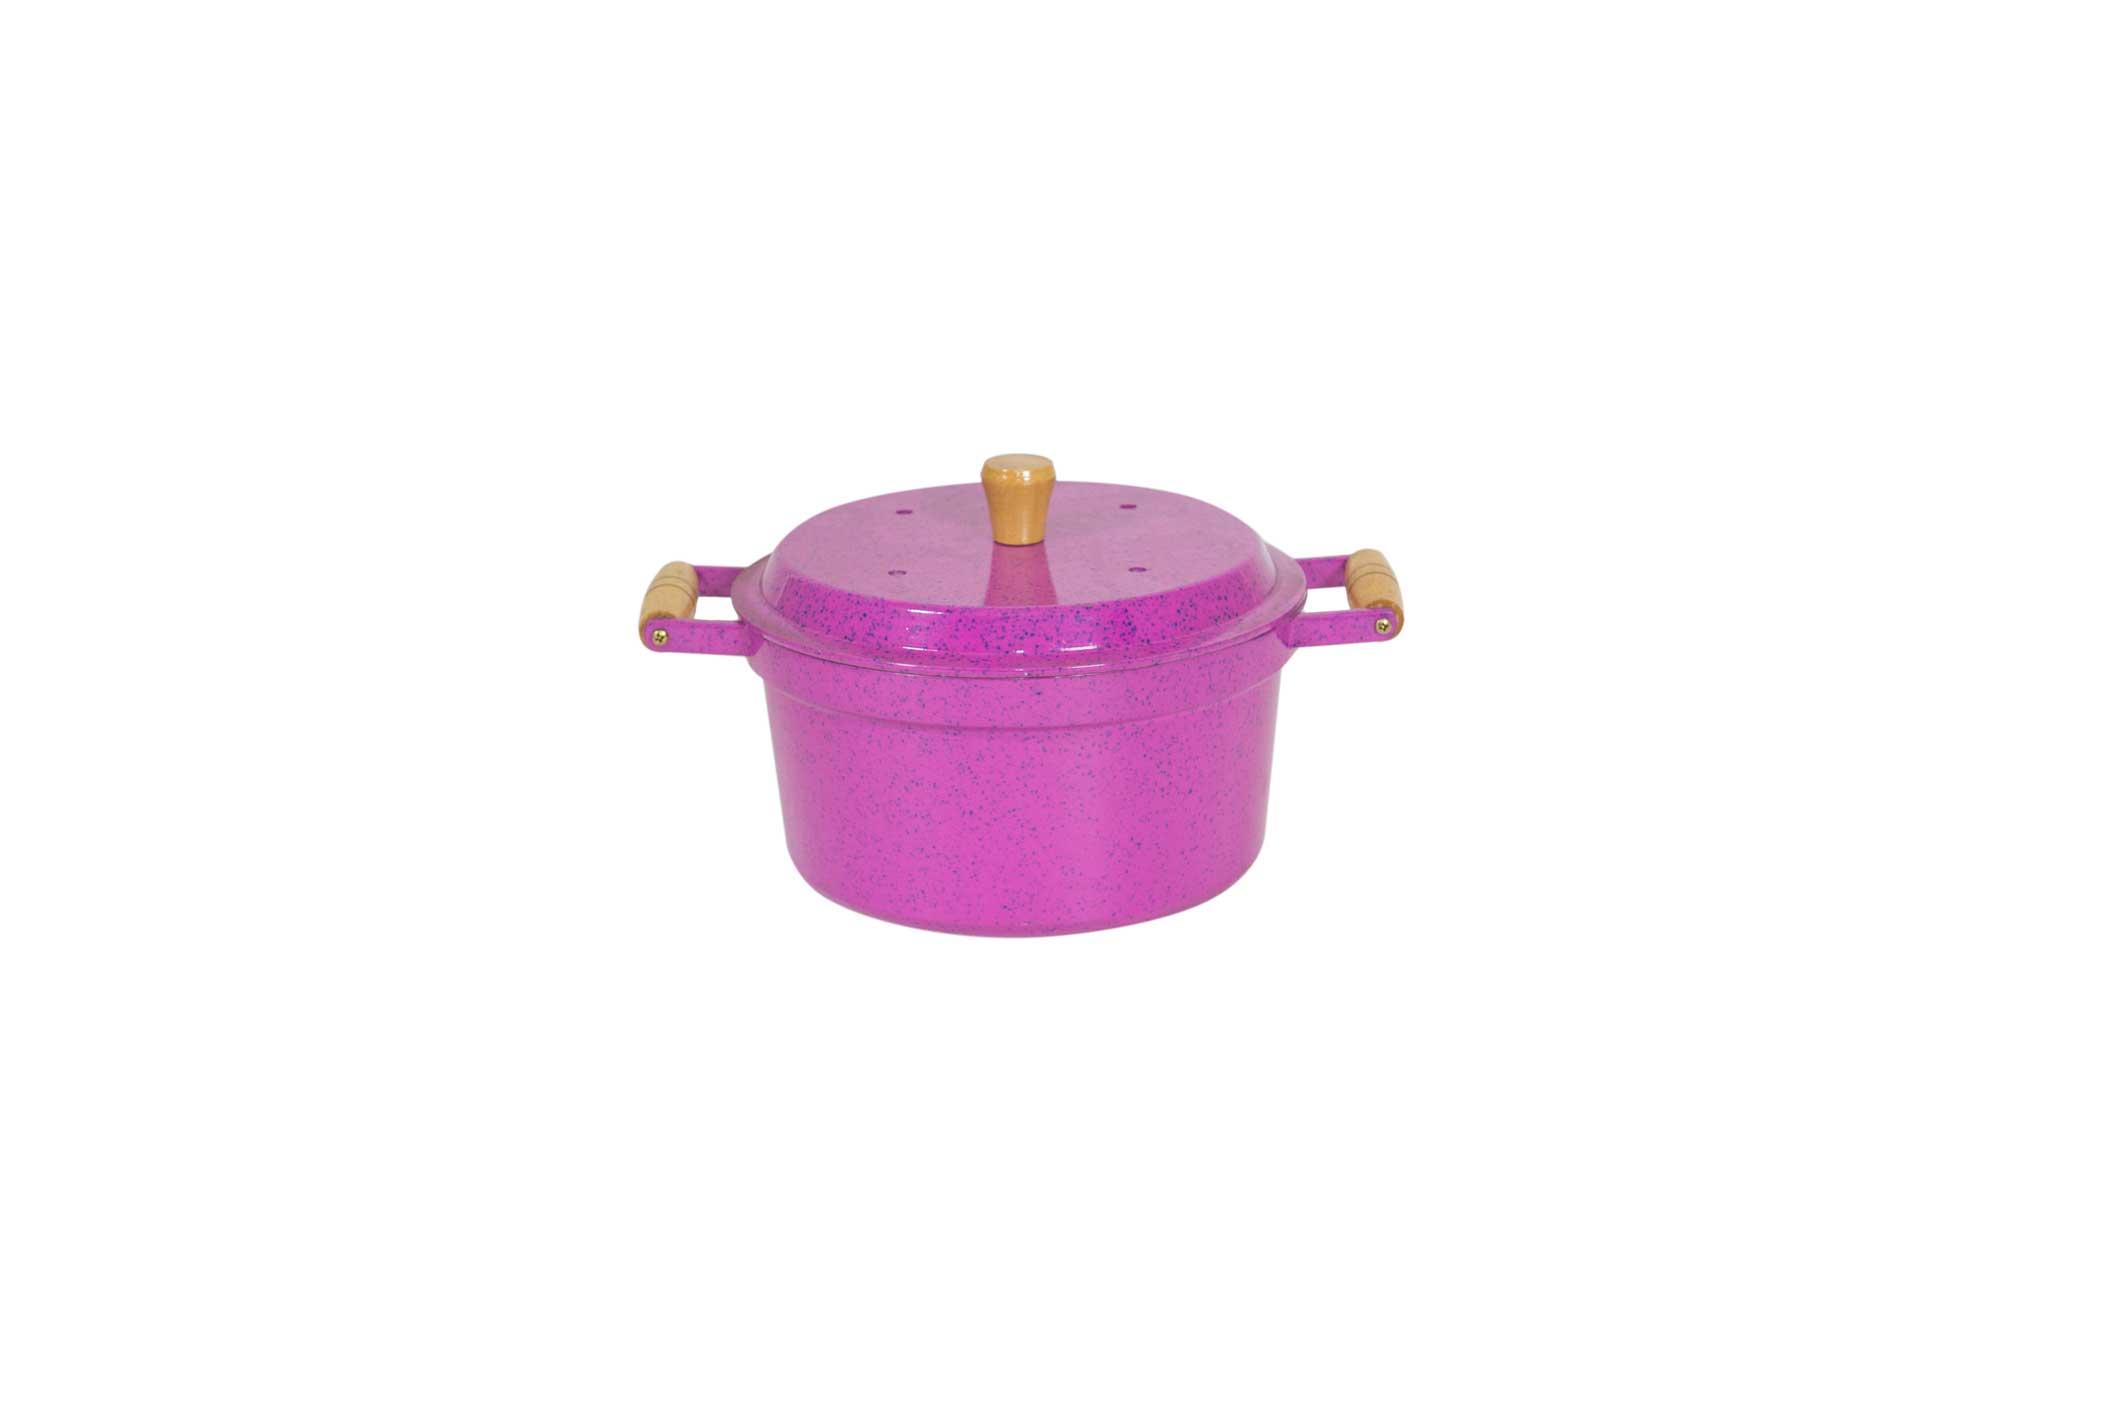 Caçarola Mágica 3 em 1 AlumÍnio Fundido - Pink